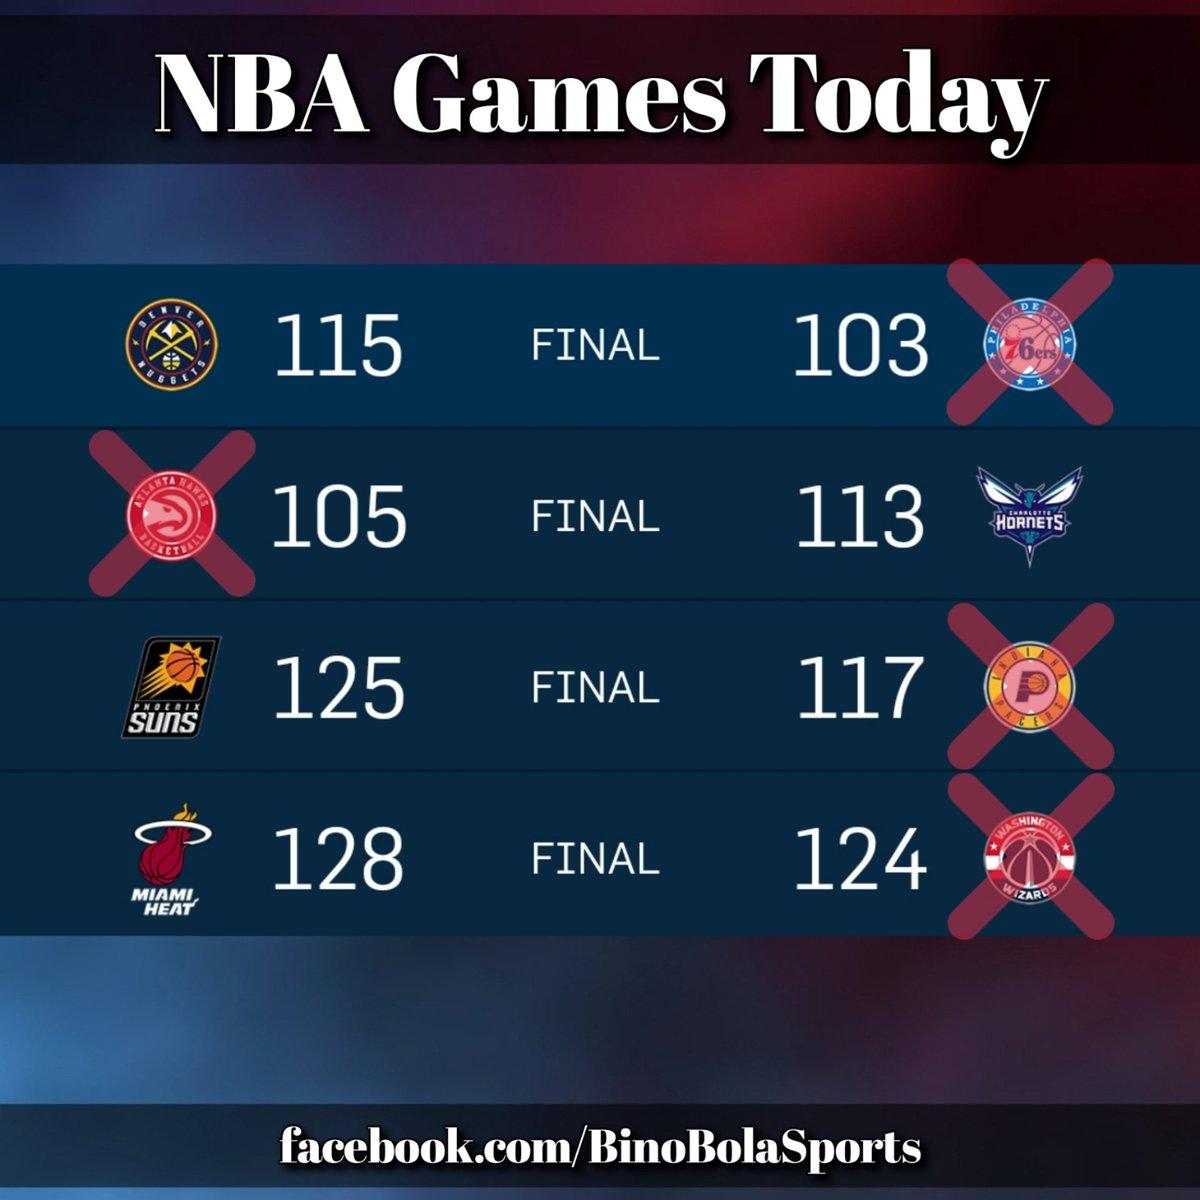 NBA games today! #RegularSeason #Day18 #BinoBolaSports #Scores